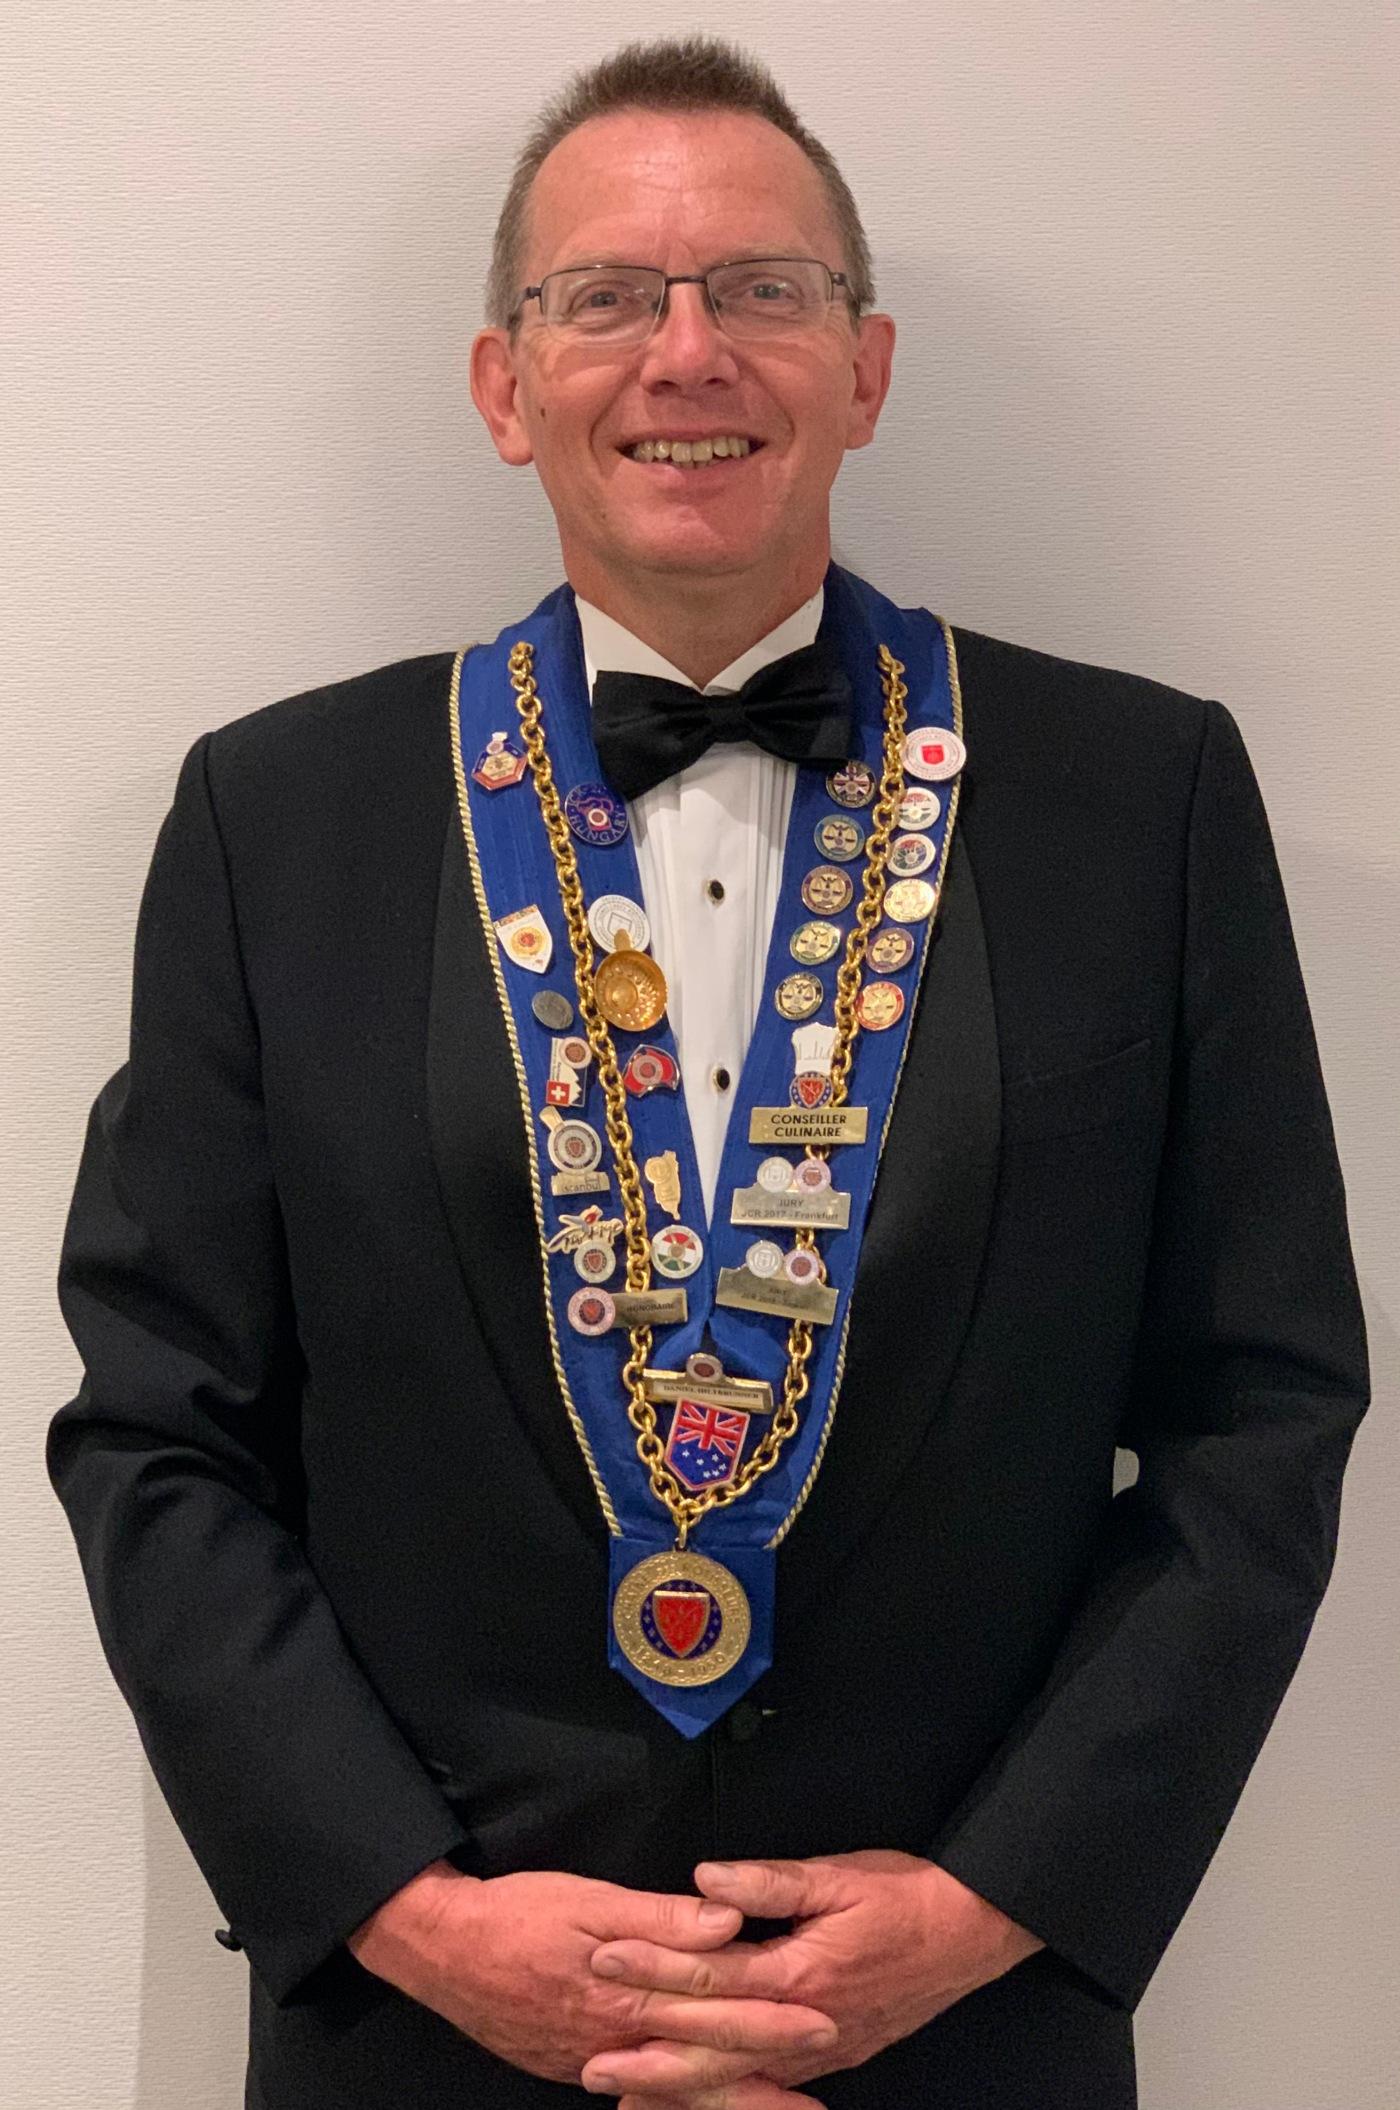 Chef Daniel Hiltbrunner